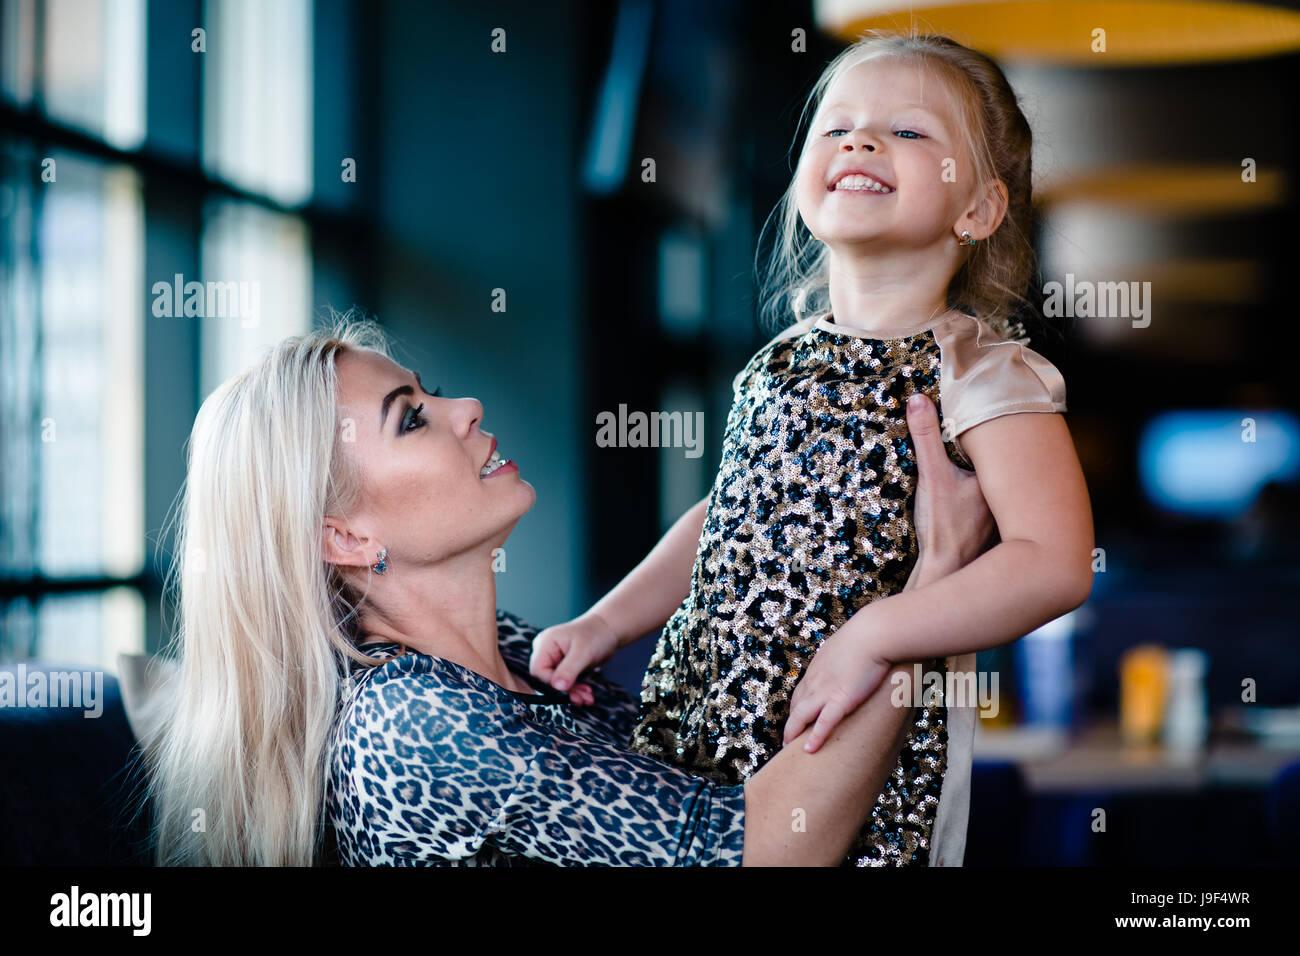 La madre alzò la piccola figlia Immagini Stock